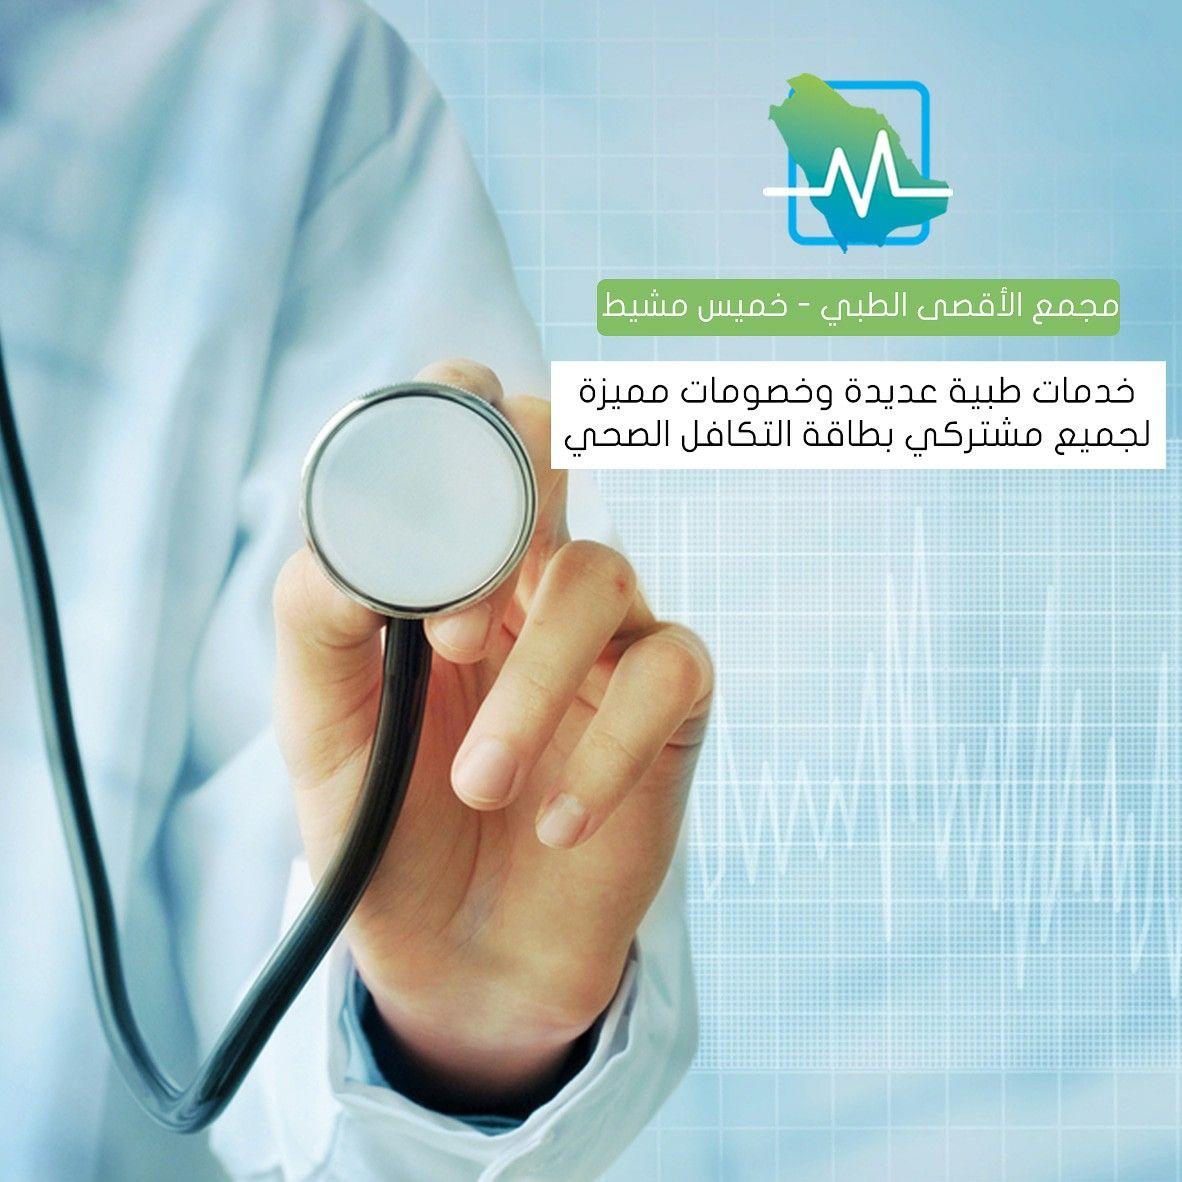 صيدلية الصفا والمروة للأدوية شمال الرياض تقدم لكم خصومات تصل إلى 7 على الأدوية لحاملي بطاقة التكافل الصحي دواء أدوية حل Health Insurance Health Insurance